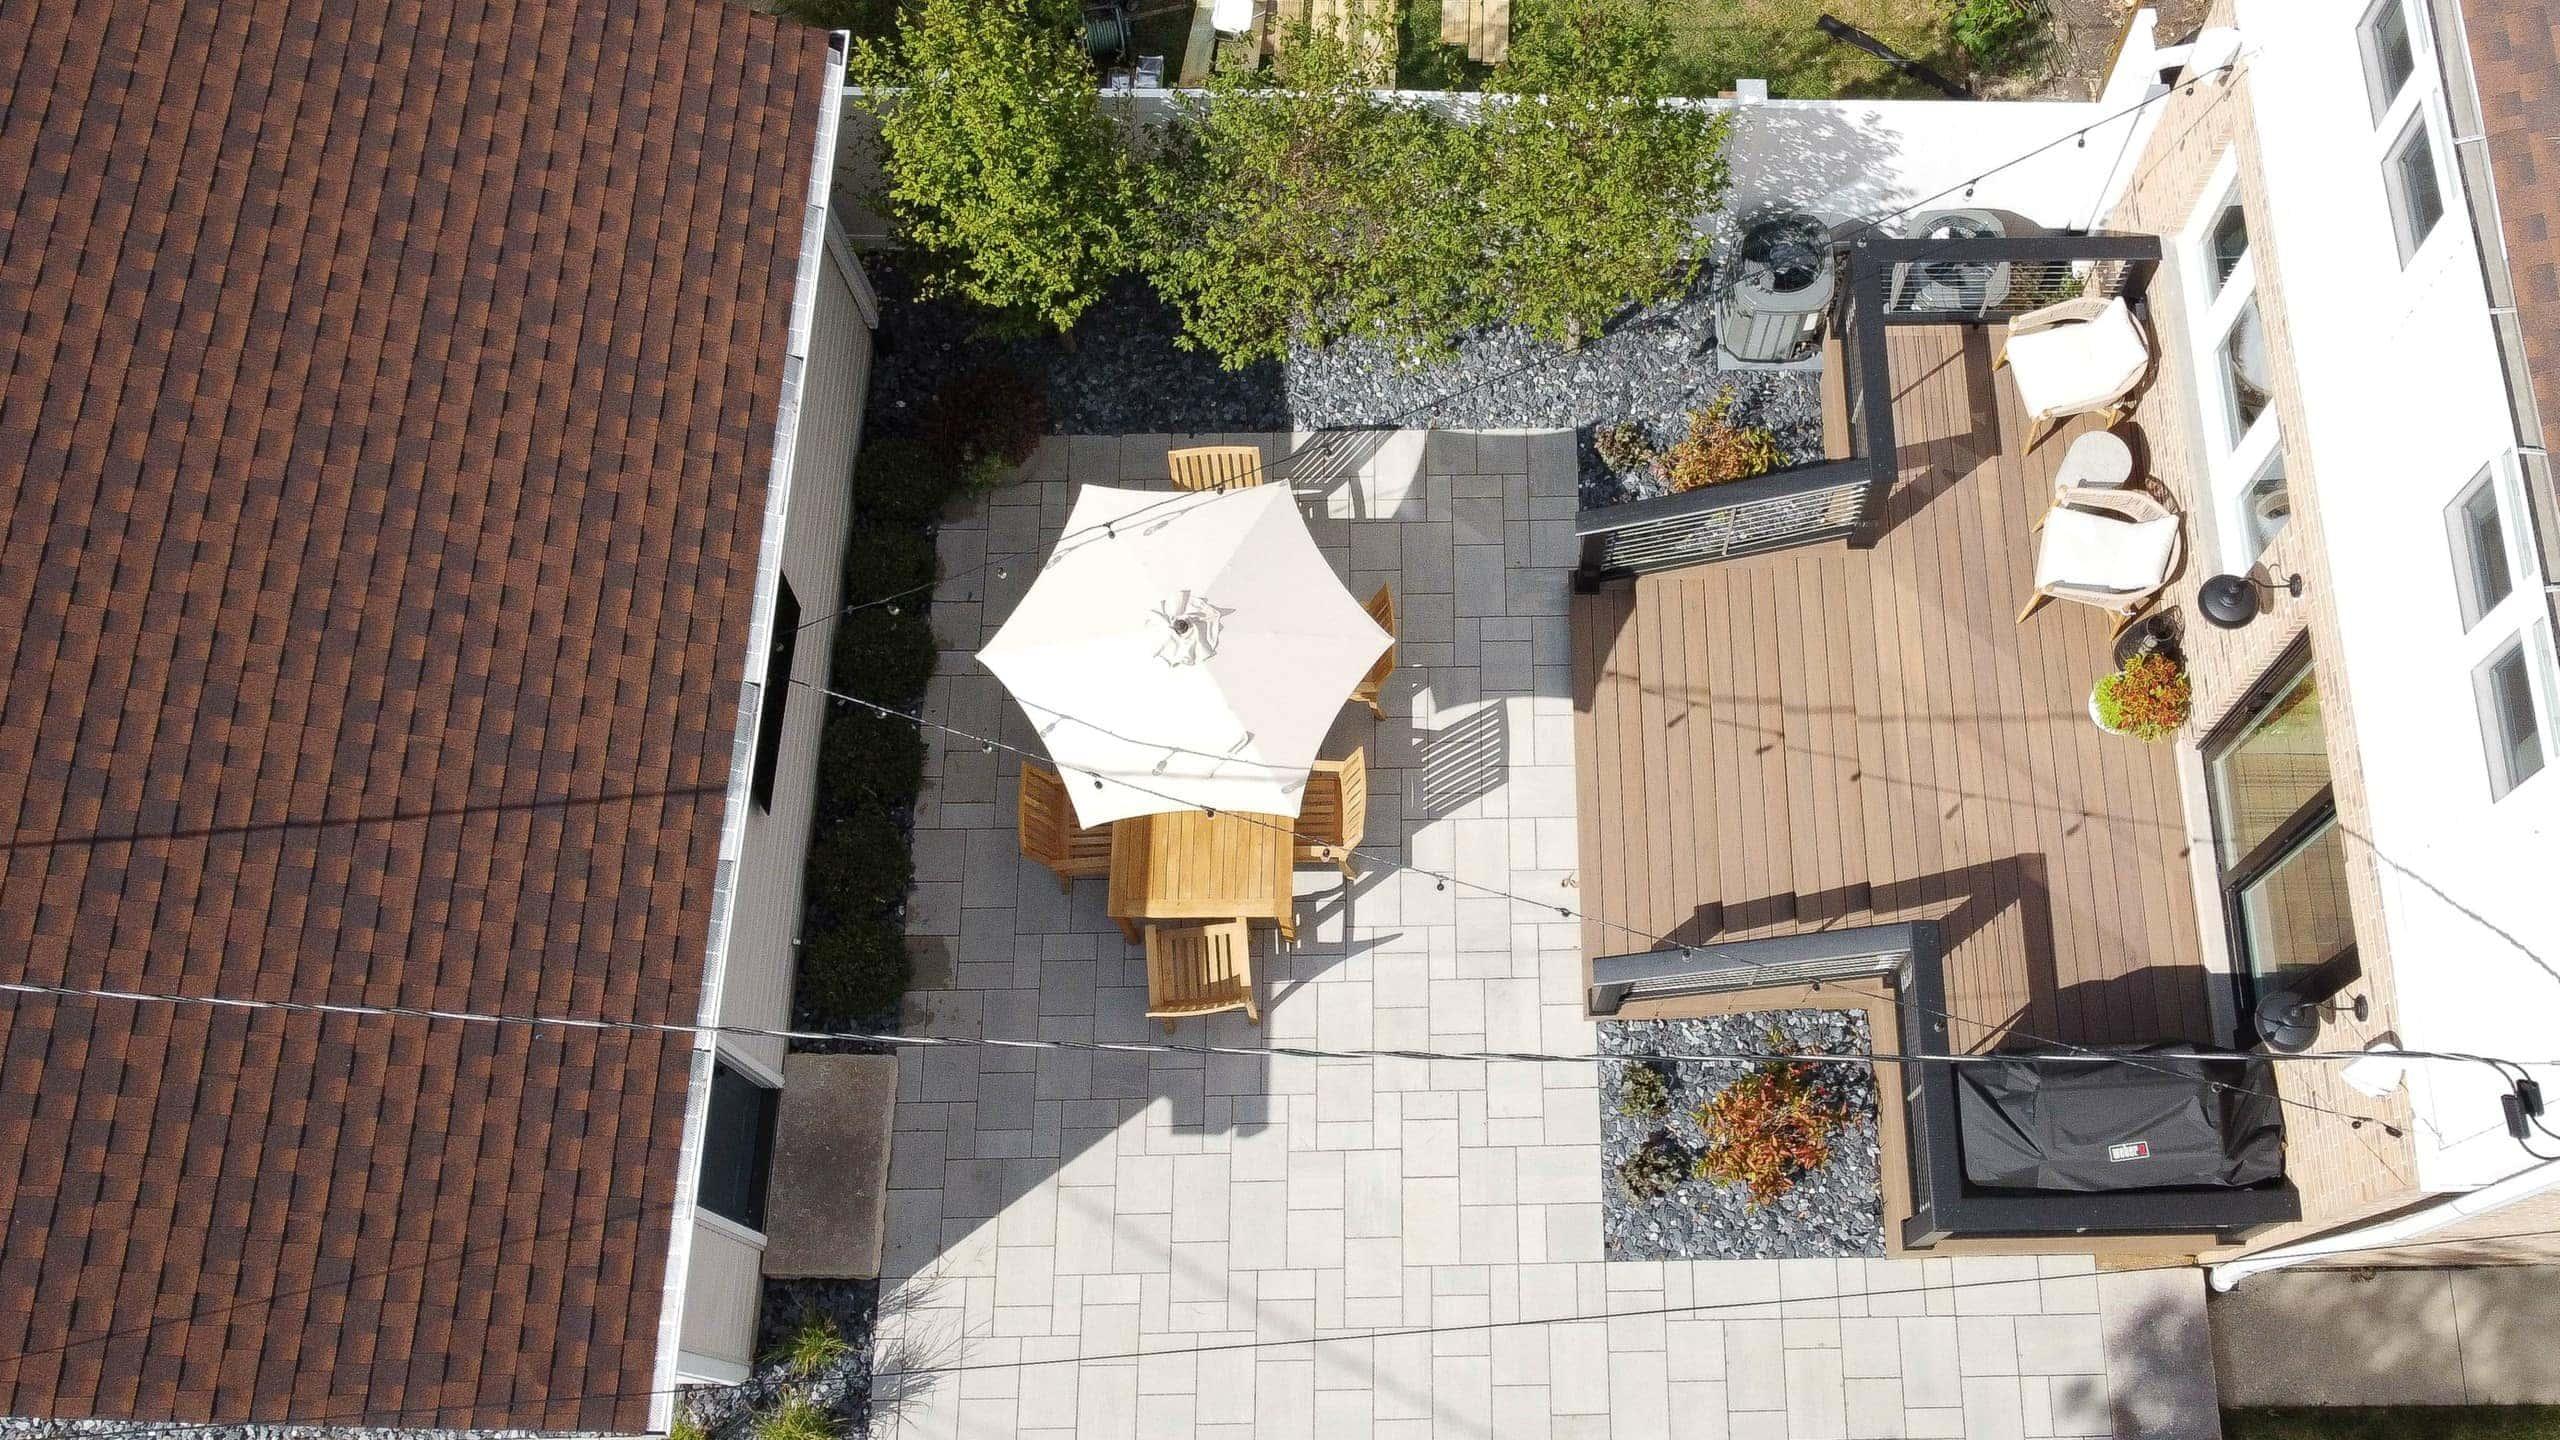 backyard drone shot overhead